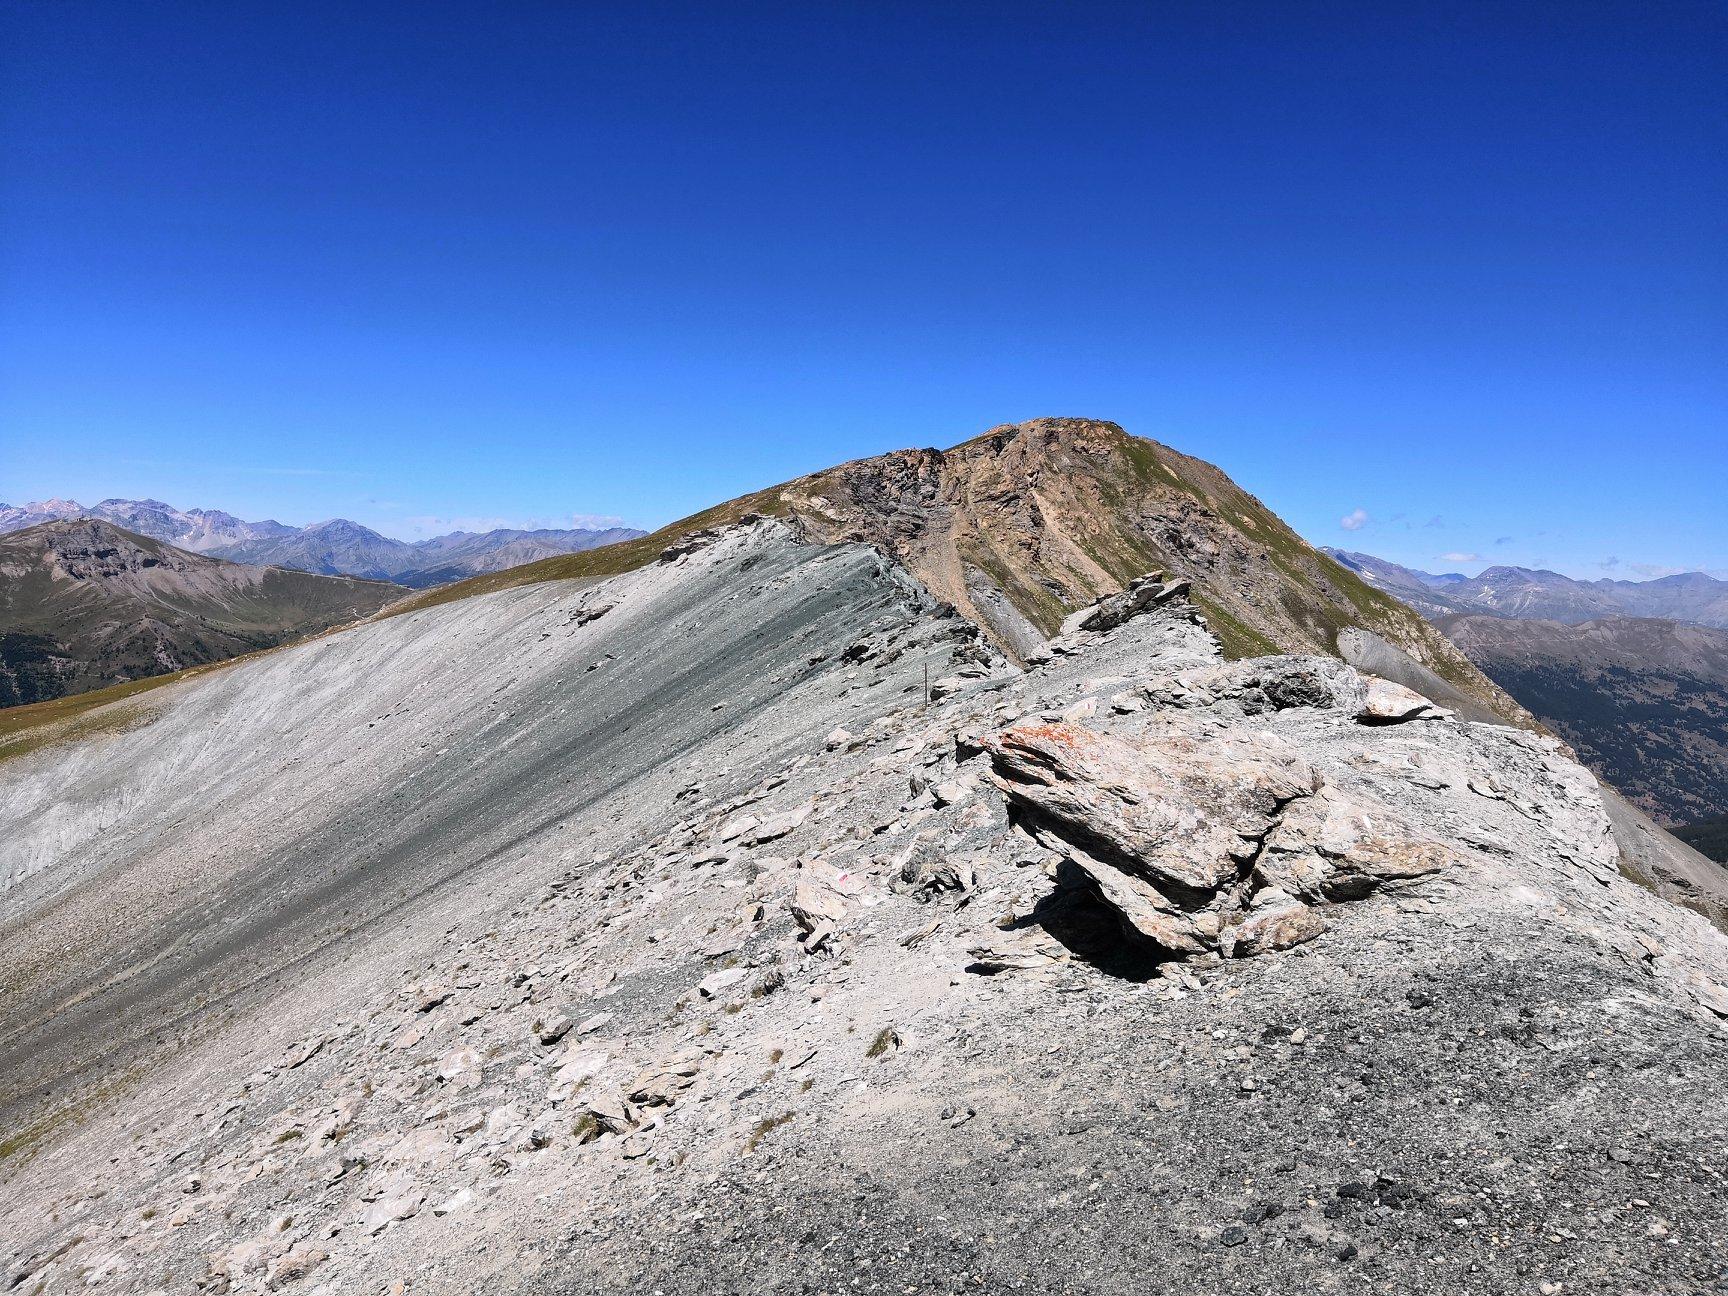 Banchetta (Passo della) da Sestriere Borgata per il vallone del Chisonetto 2019-08-14